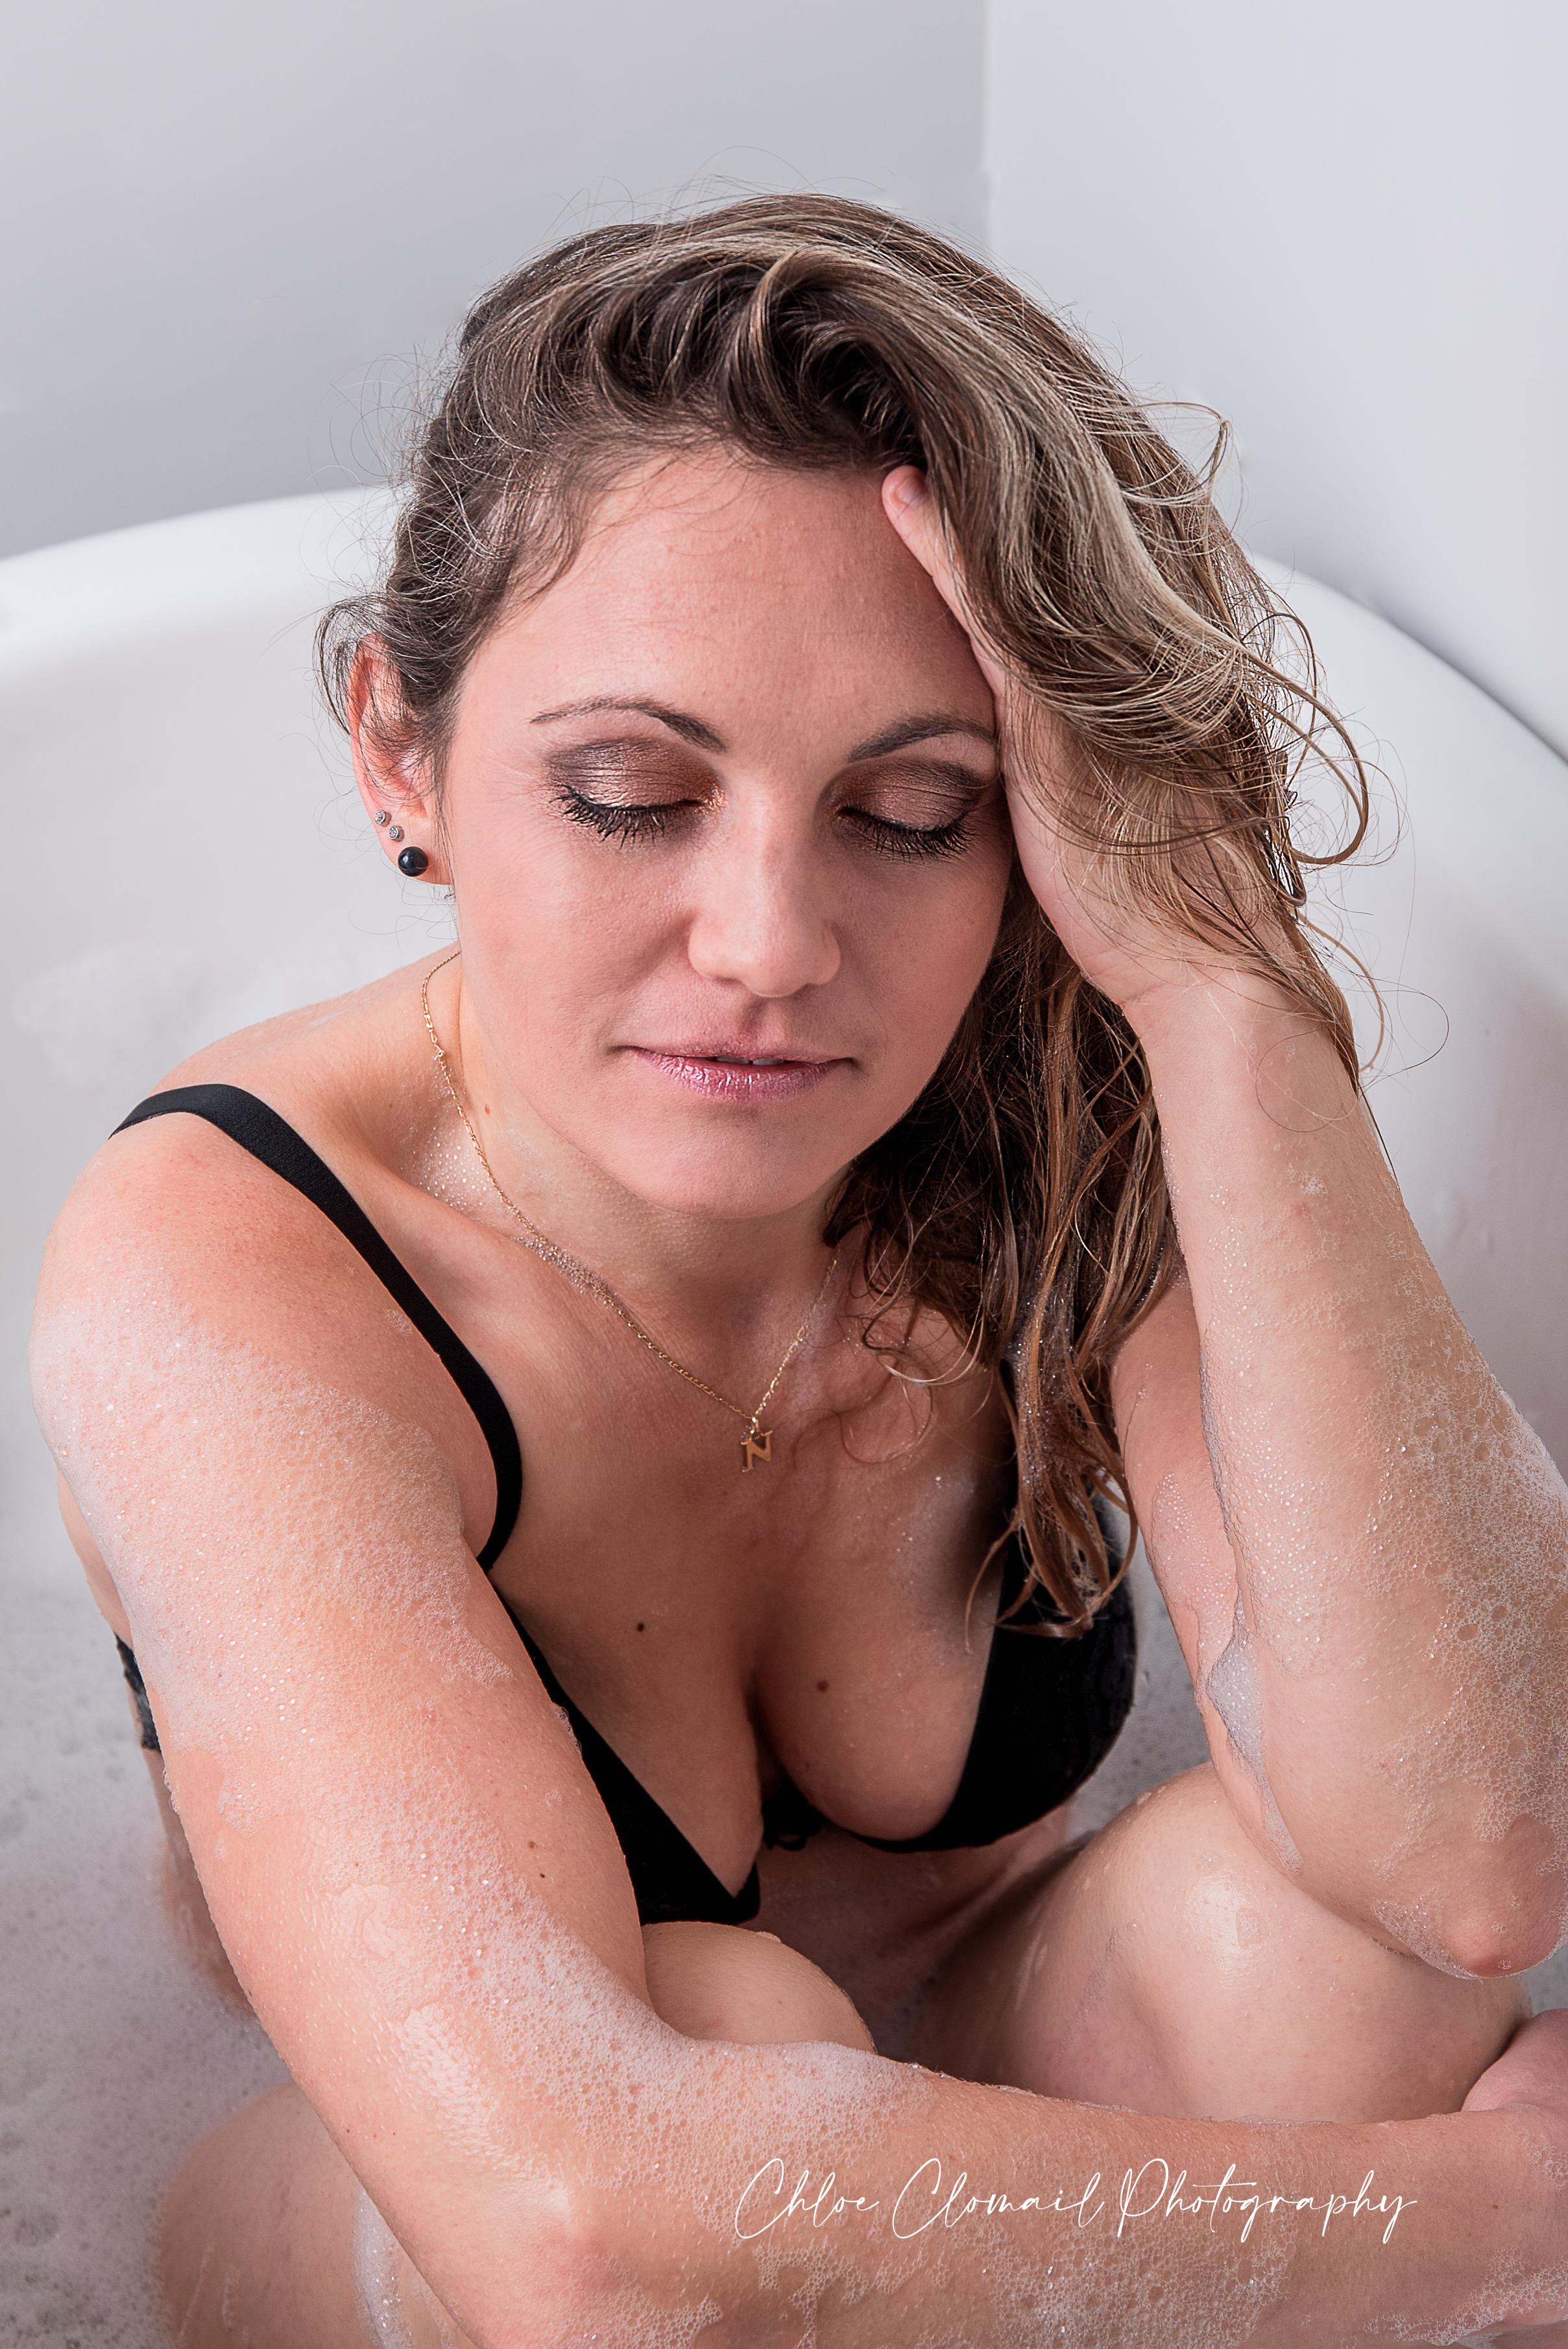 femme baingoire